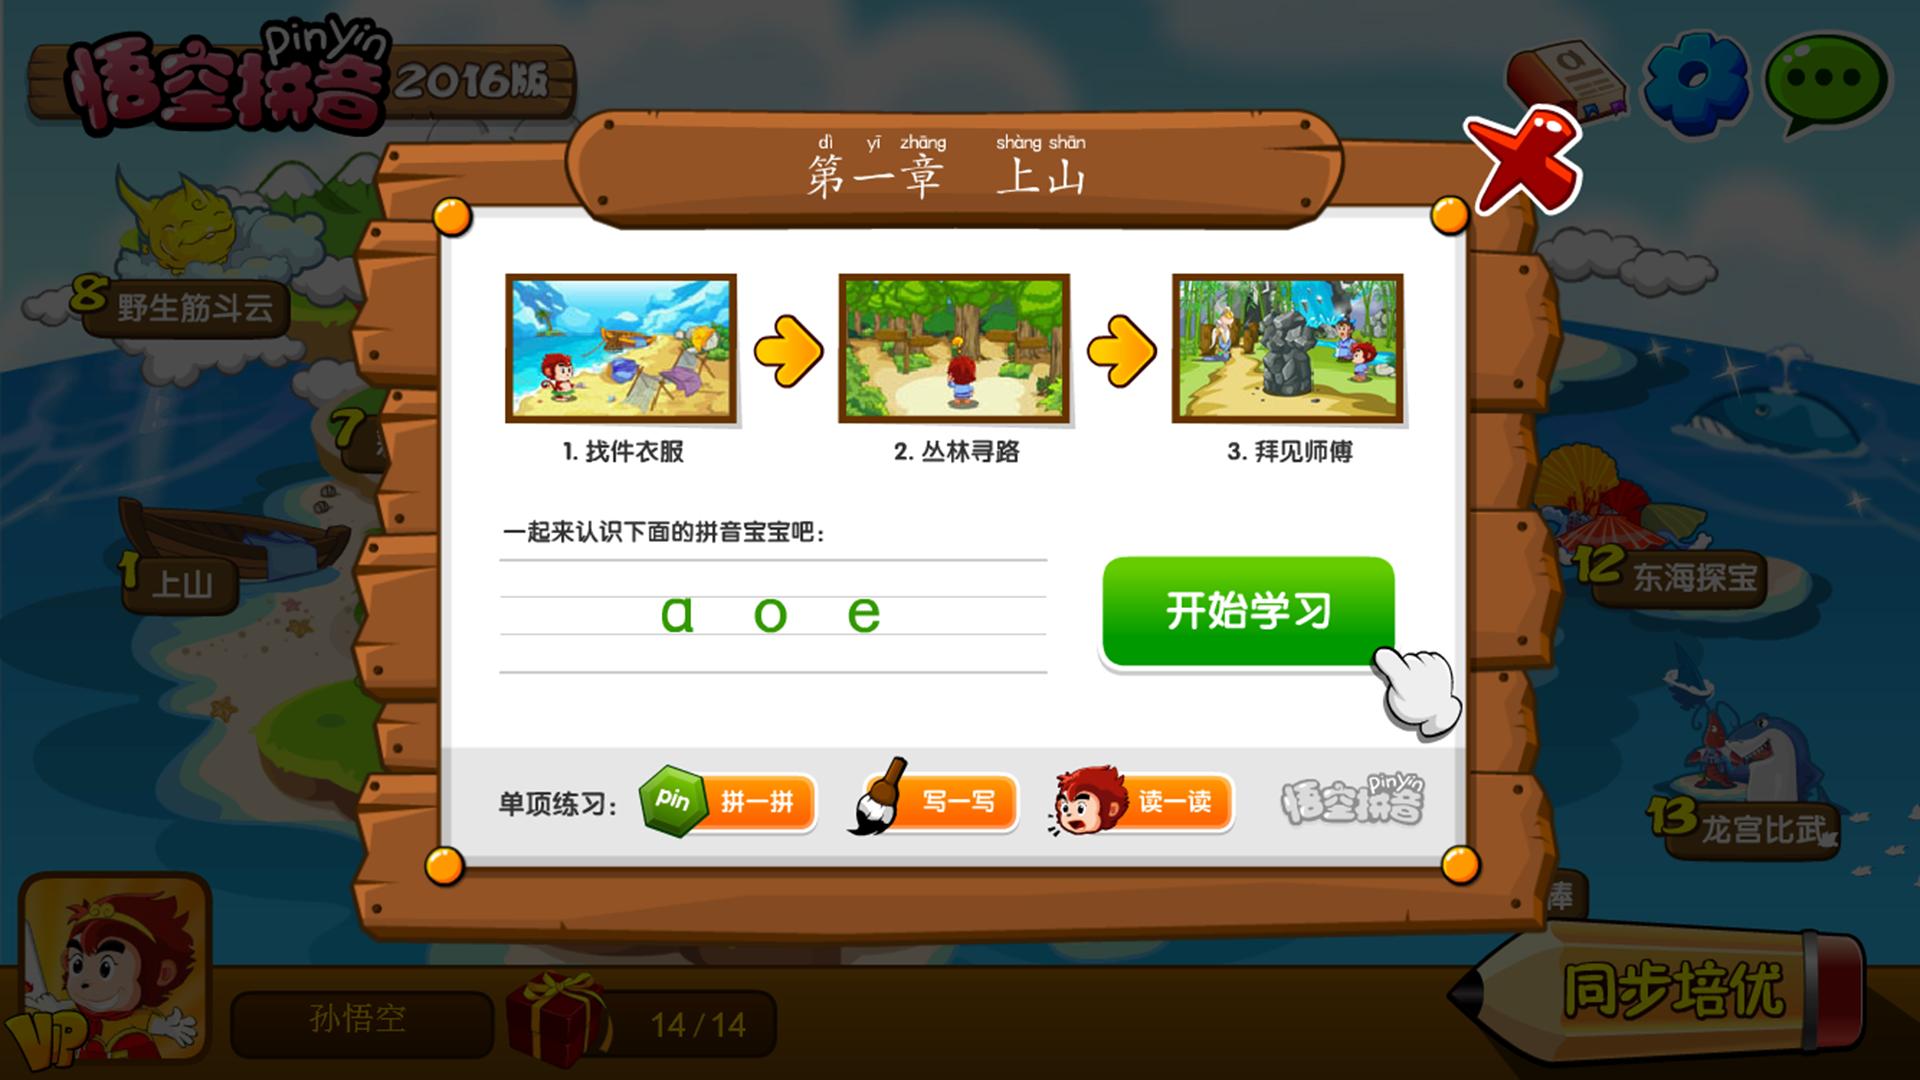 悟空拼音TV